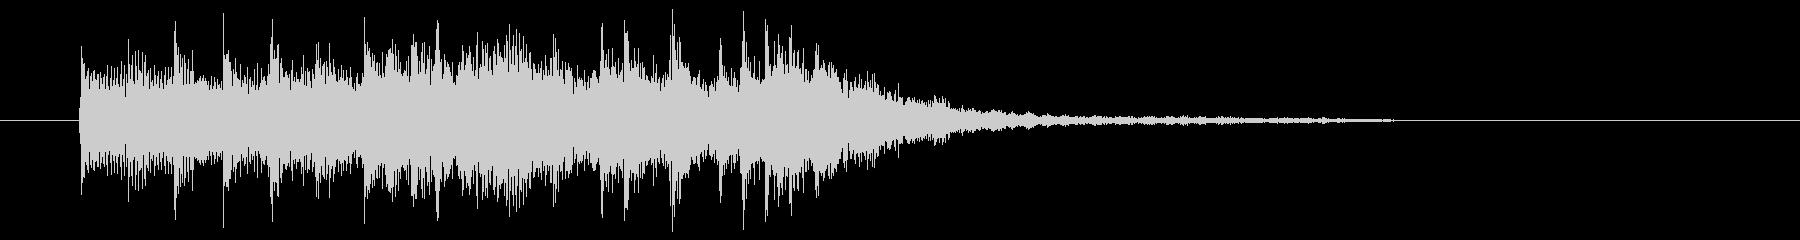 シンセベースが引っ張るエレクトロサウンドの未再生の波形